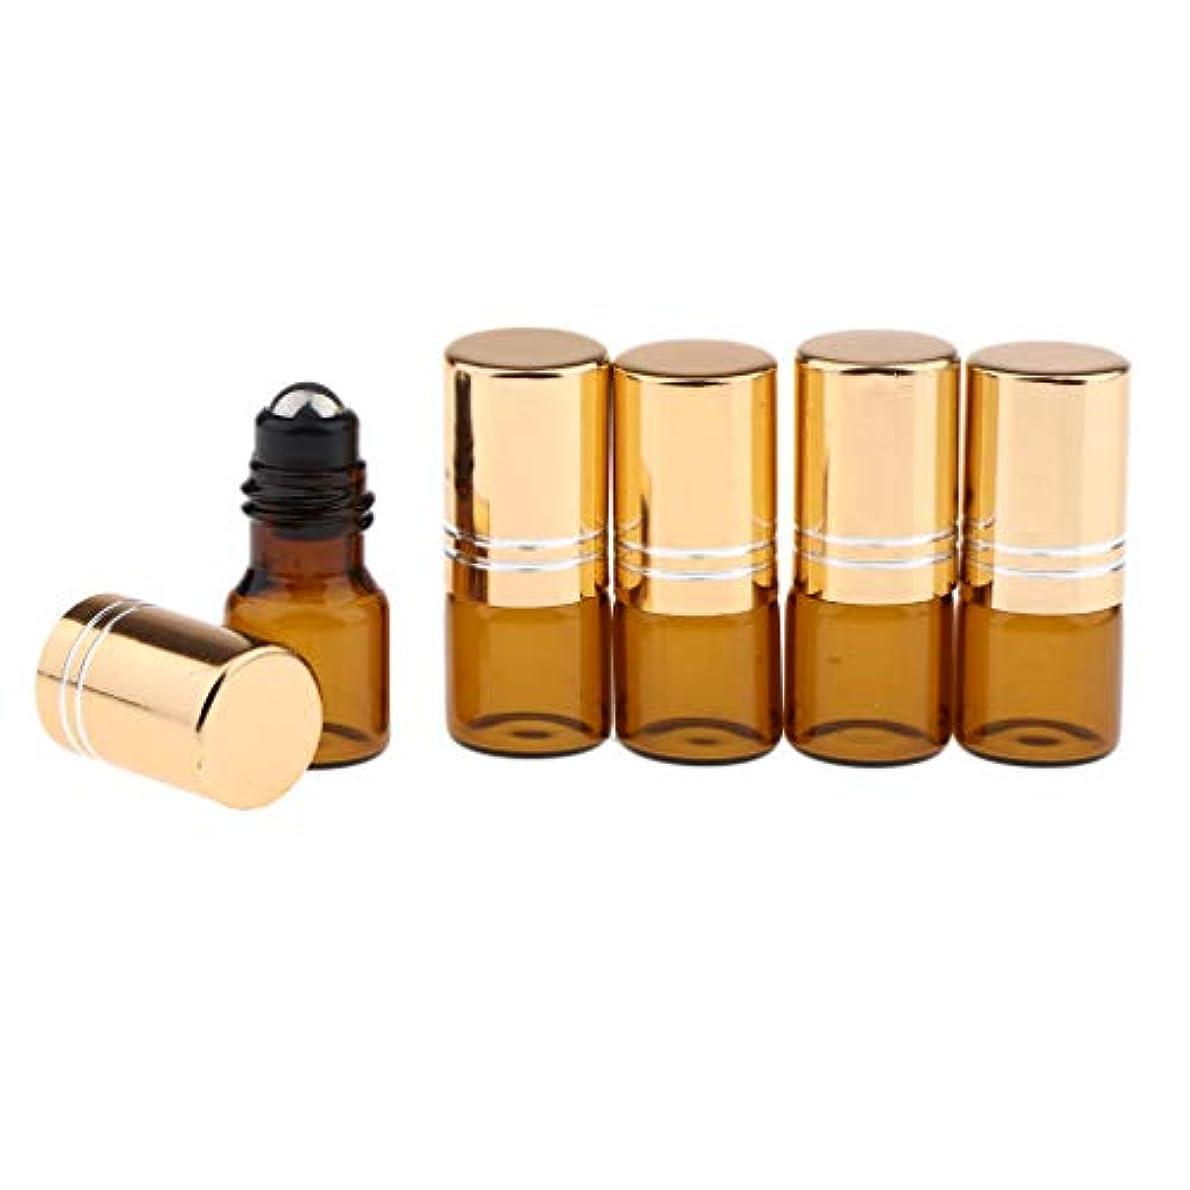 数字飼料冷淡なP Prettyia 2ミリリットル 空のボトル 香水 精油 ロールボトル ローラーボトル 詰め替えボトル 全3色 全5本 - ゴールド